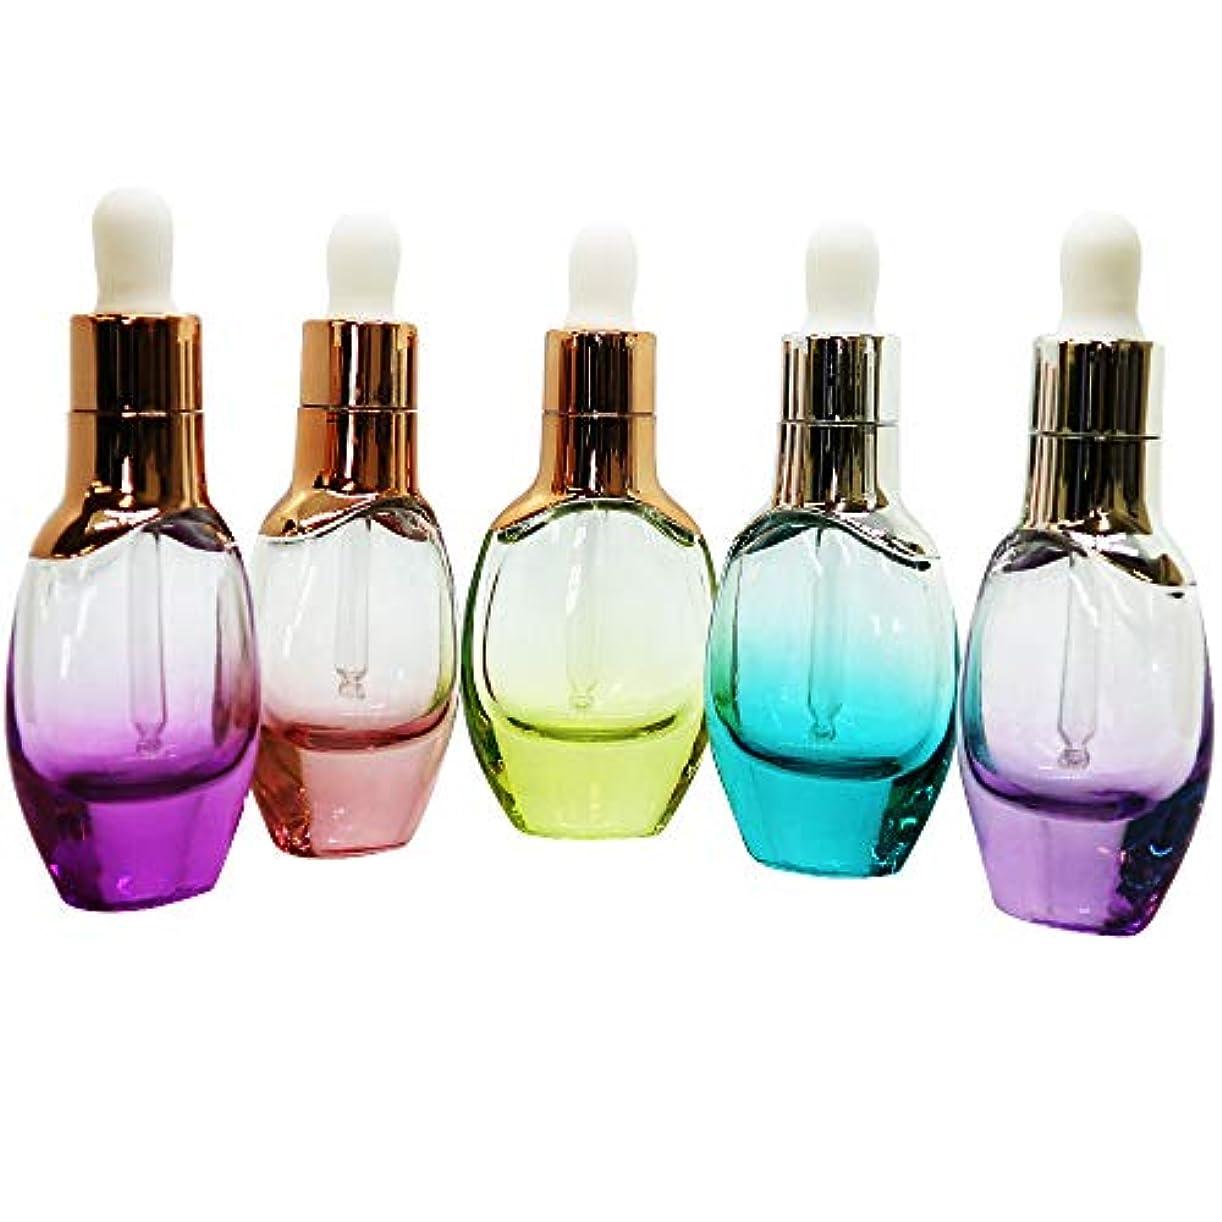 意味性能マイルストーンCoco Makai スポイト付き エッセンシャル ボトル 5本セット アロマ 化粧水 オイル ガラス製 かわいい カラフル